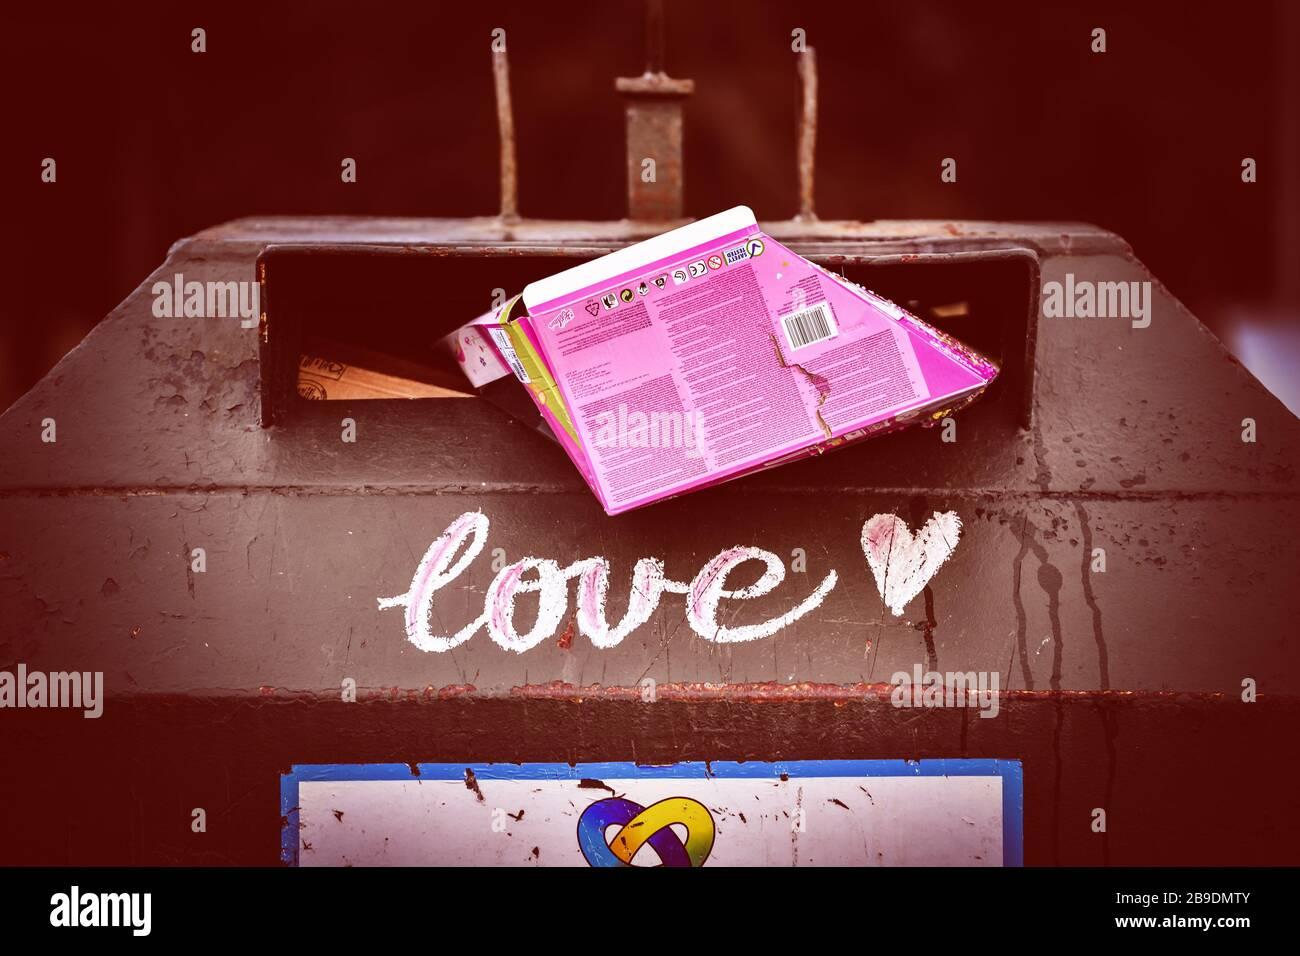 Paper bank with the stroke Love in Kirchwerder, Hamburg, Germany, Europe, Altpapiercontainer mit dem Schriftzug Love in Kirchwerder, Deutschland, Euro Stock Photo